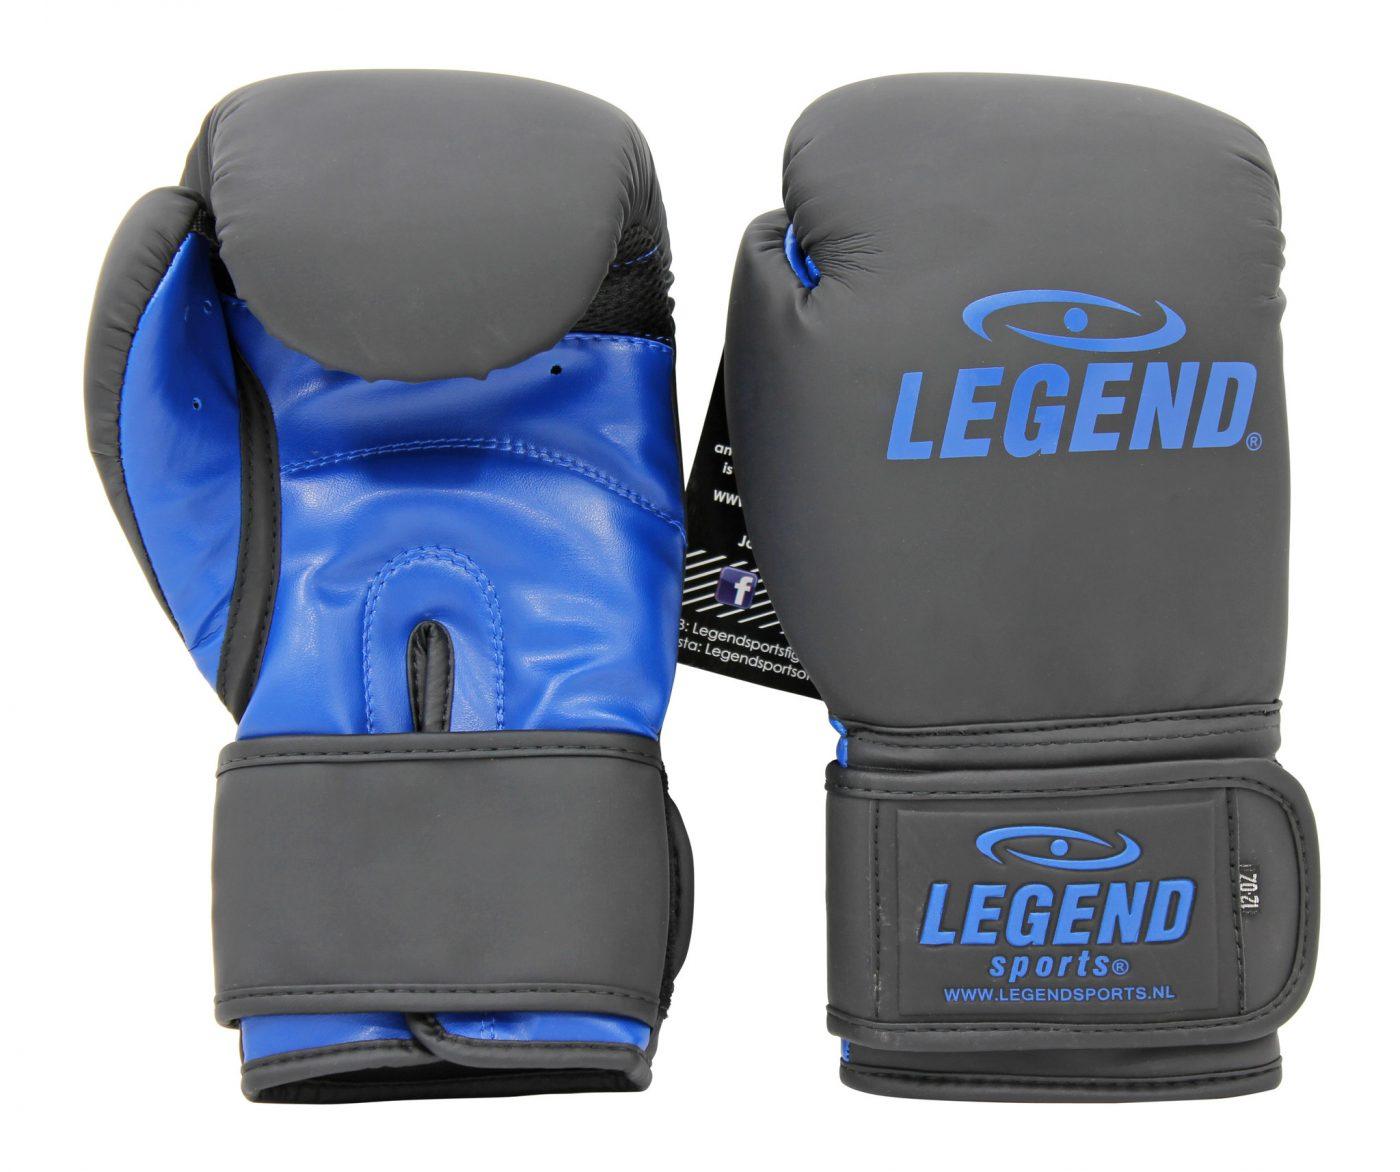 Bokshandschoenen LegendClima & Protect Mat zwart/Blauw